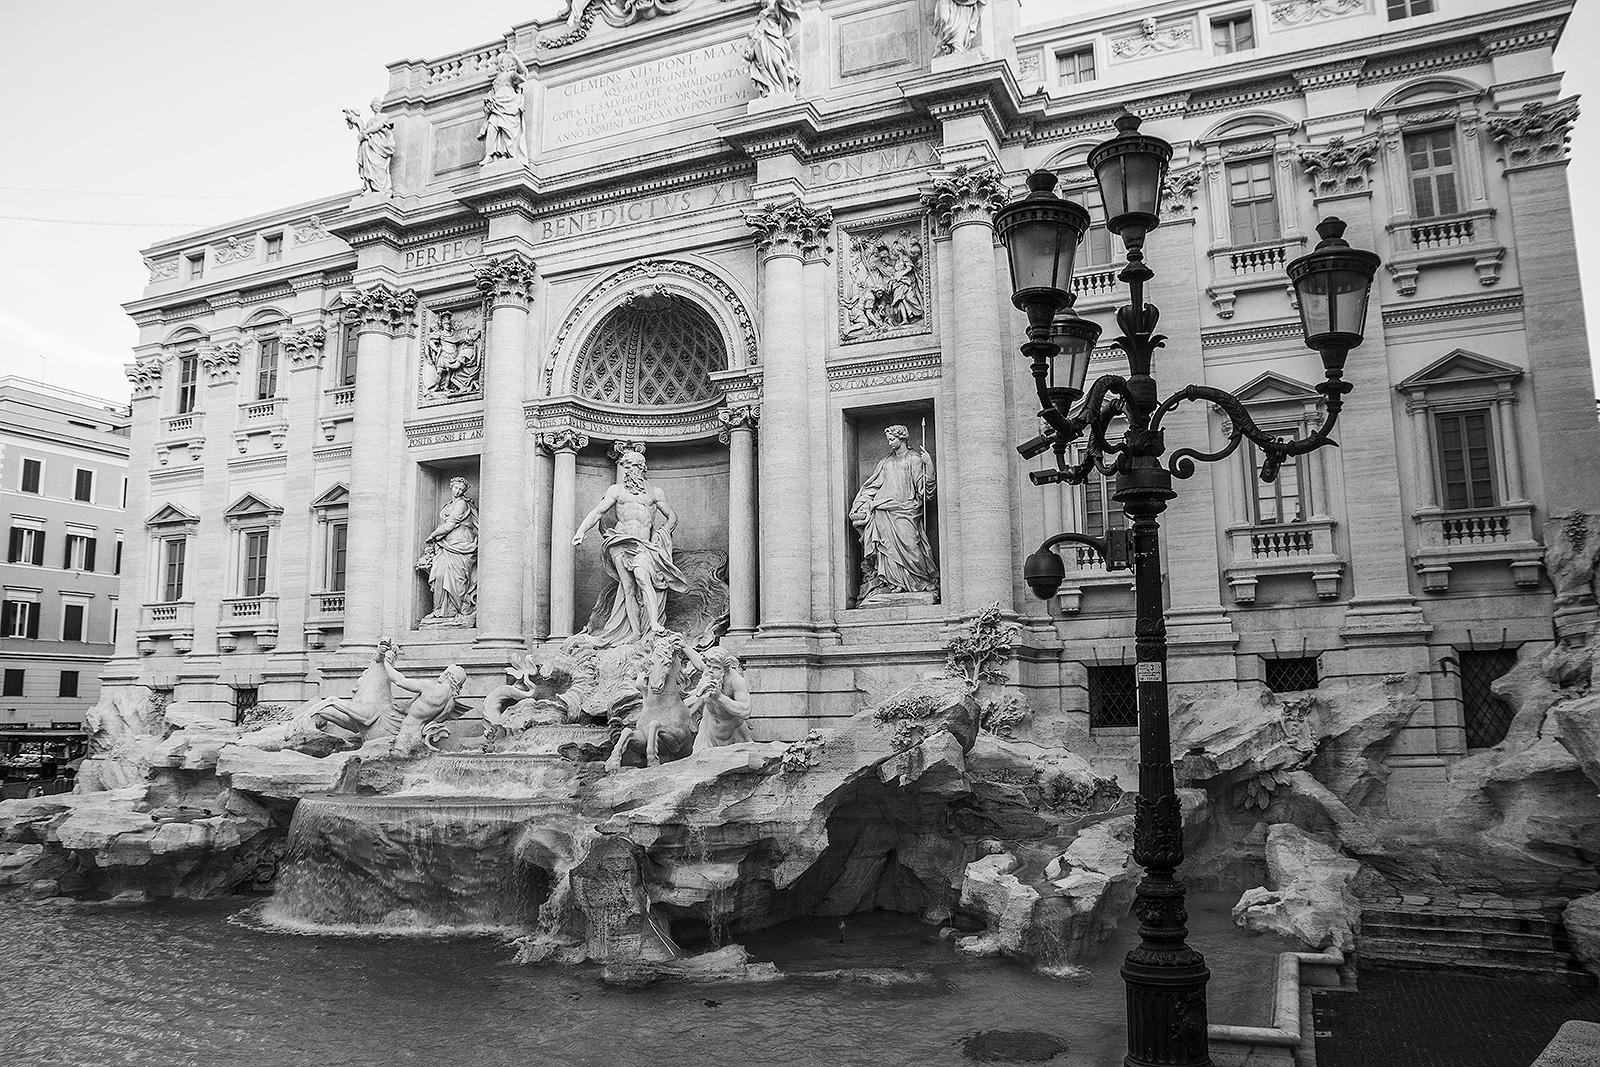 Wend end à Rome : découverte de la Fontaine de Trevi